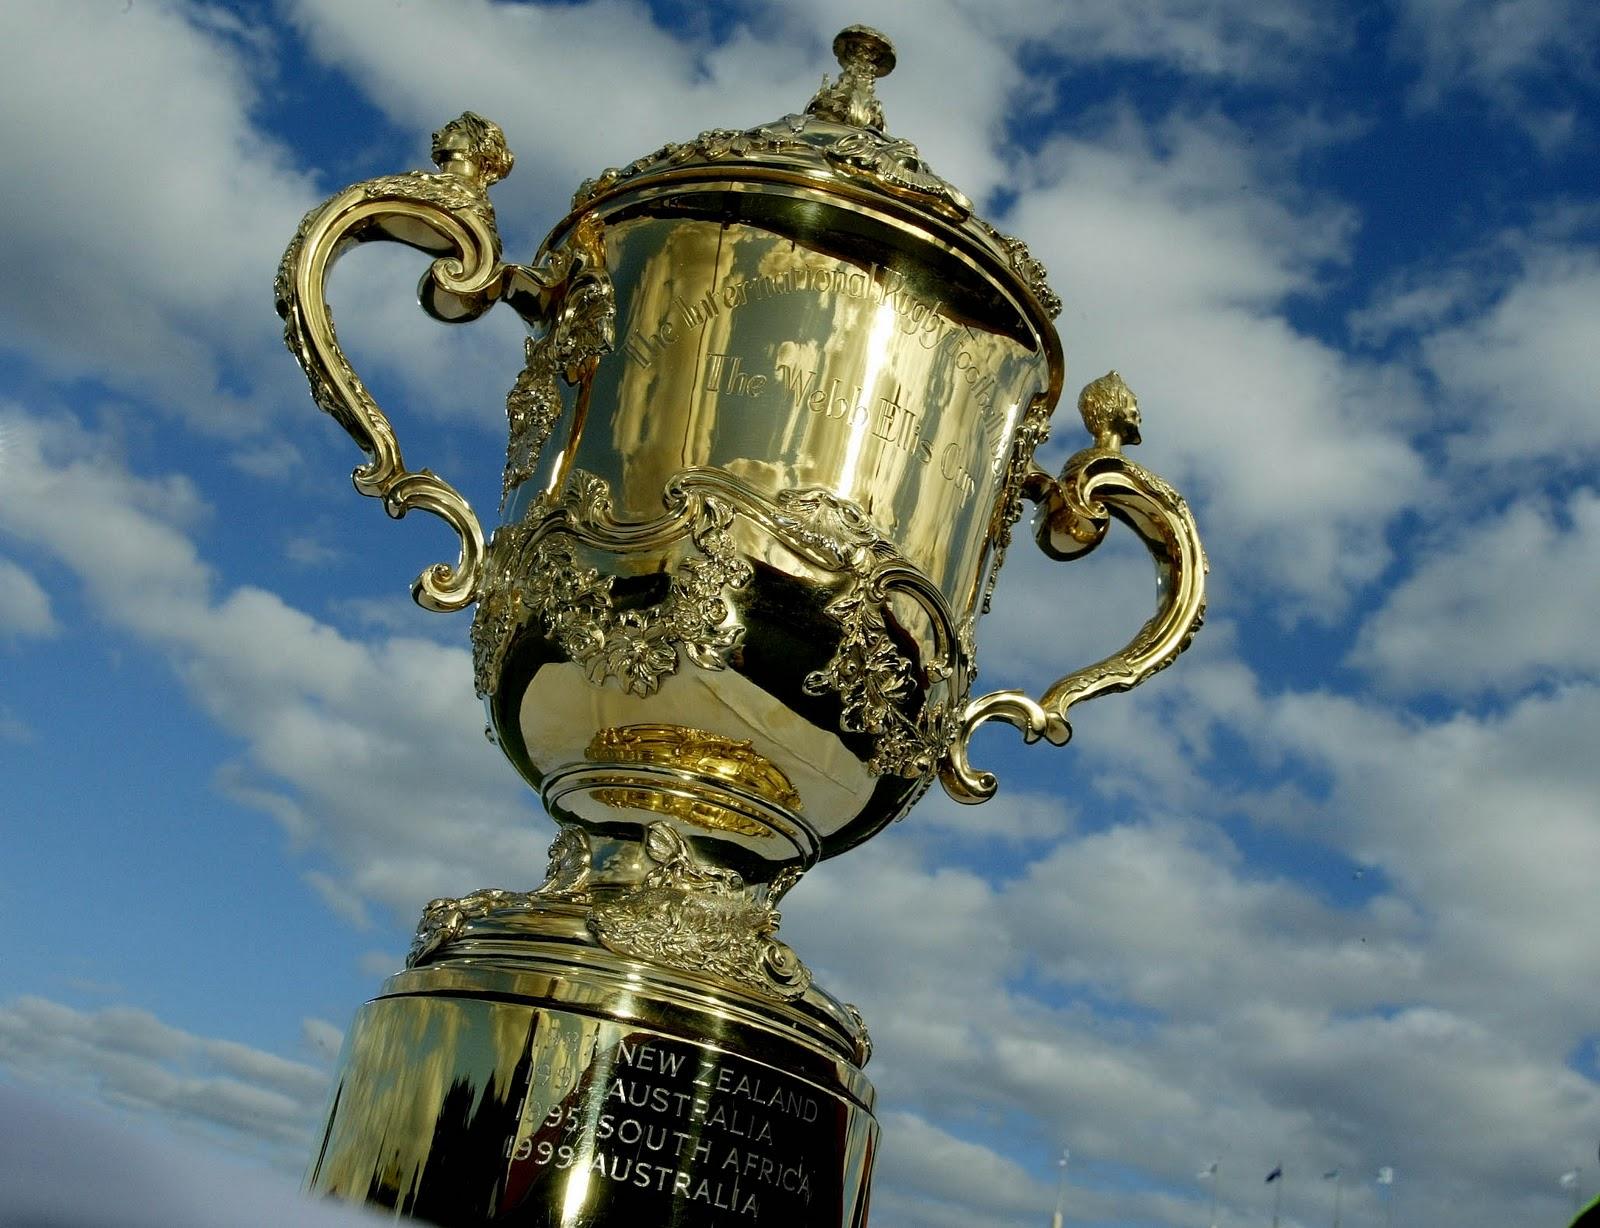 http://4.bp.blogspot.com/-1DlnBxYe-B0/TpbEK_z4xmI/AAAAAAAAAvY/VEUBpE5IHTU/s1600/rugby-world-cup-2011+.4.jpg